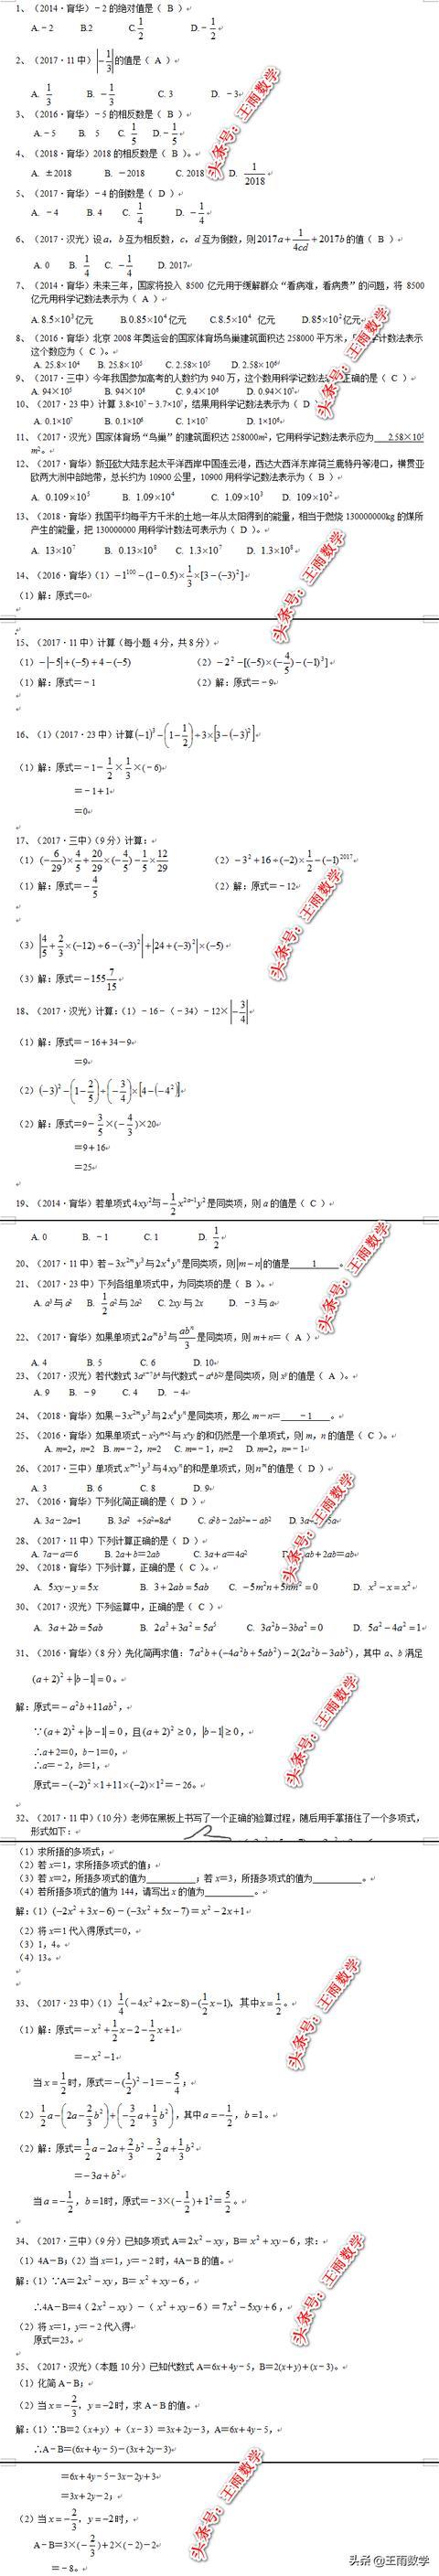 初一期末必考考点复习上篇:有理数、整式(含答案)